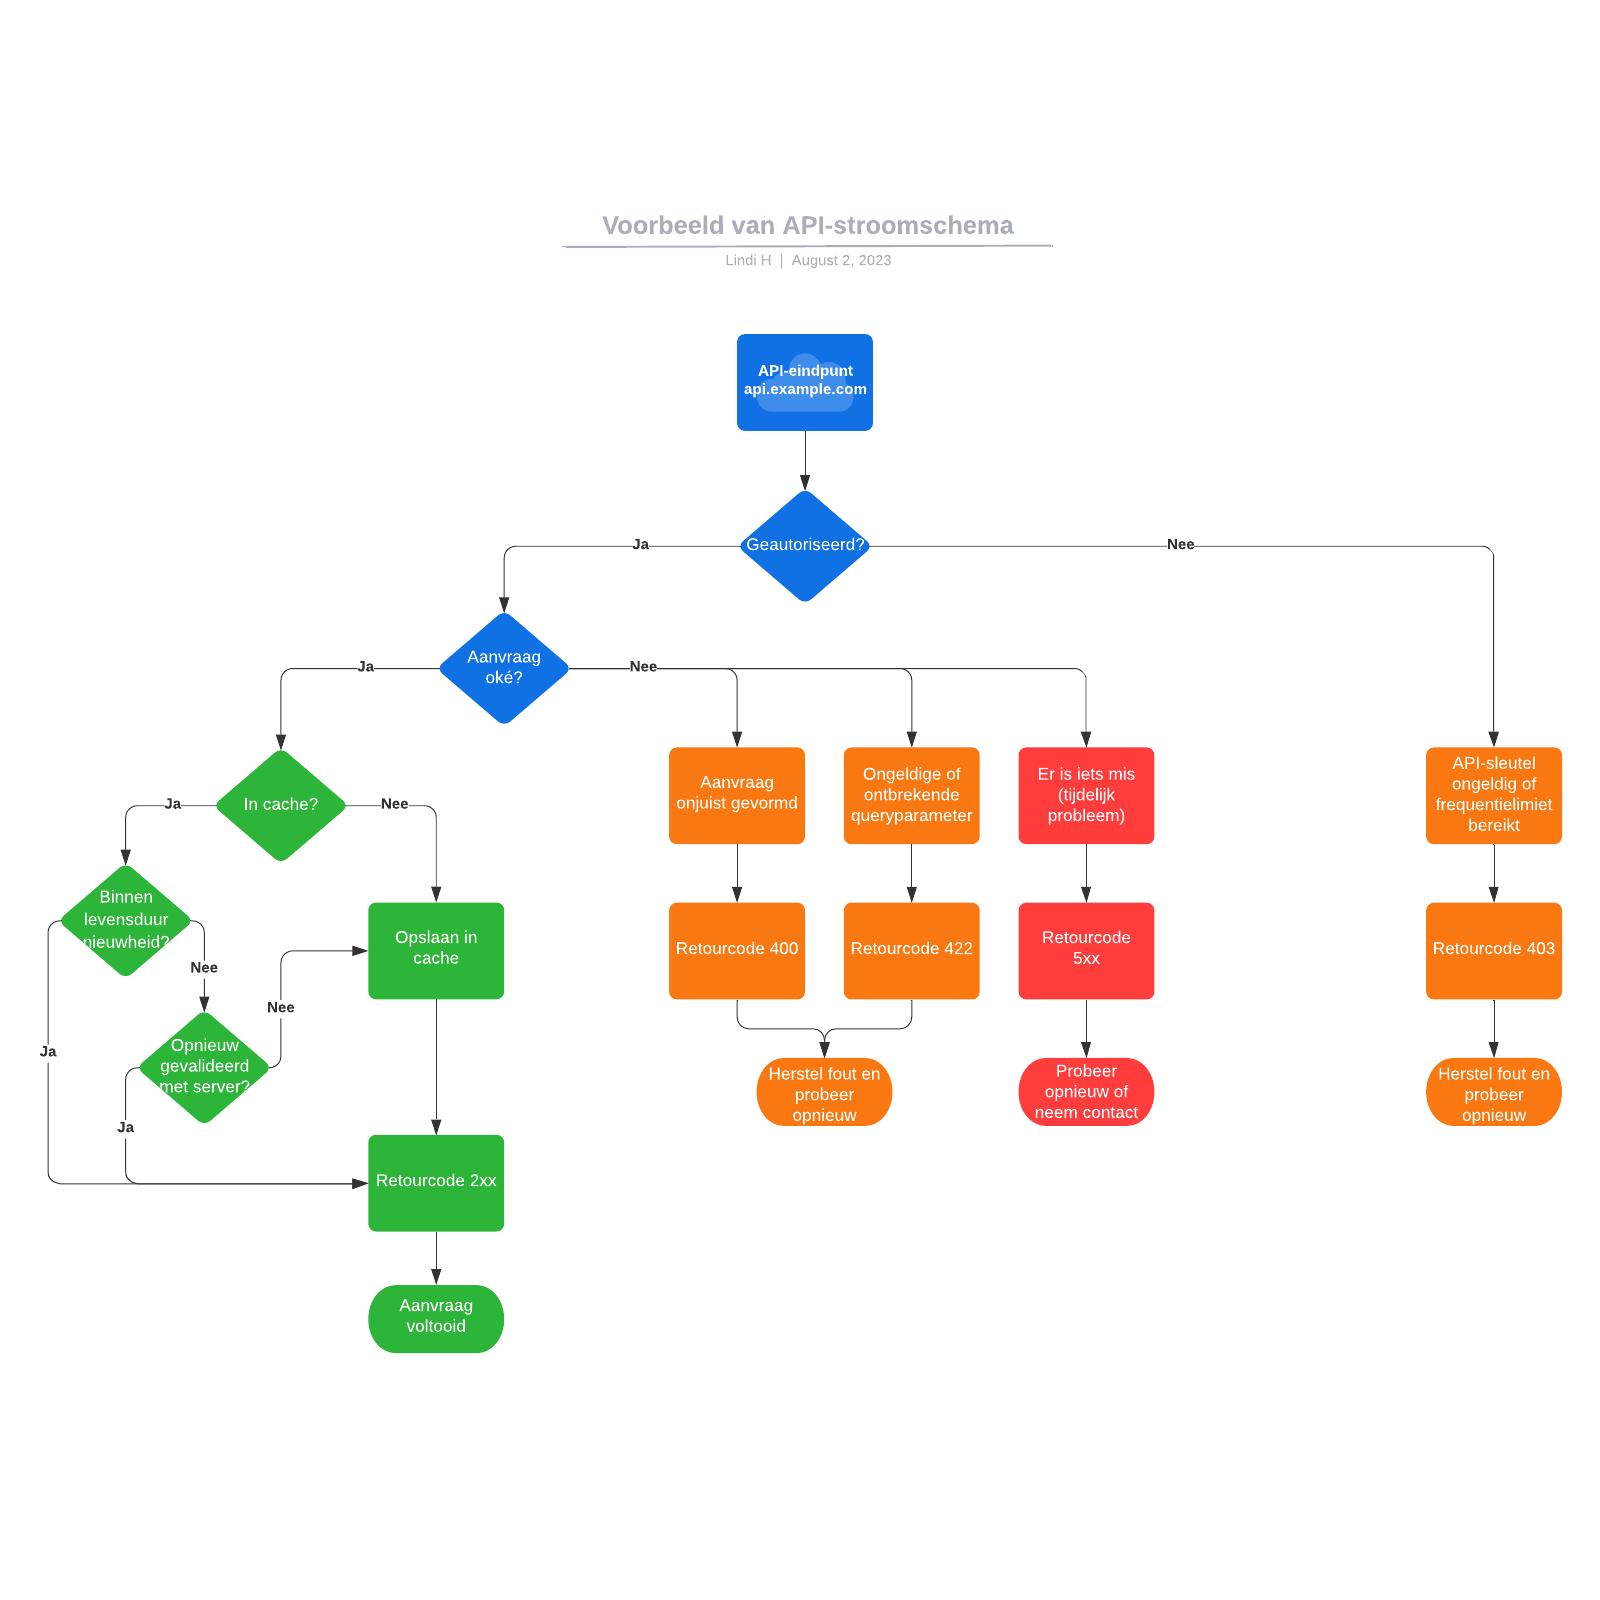 Voorbeeld van API-stroomschema